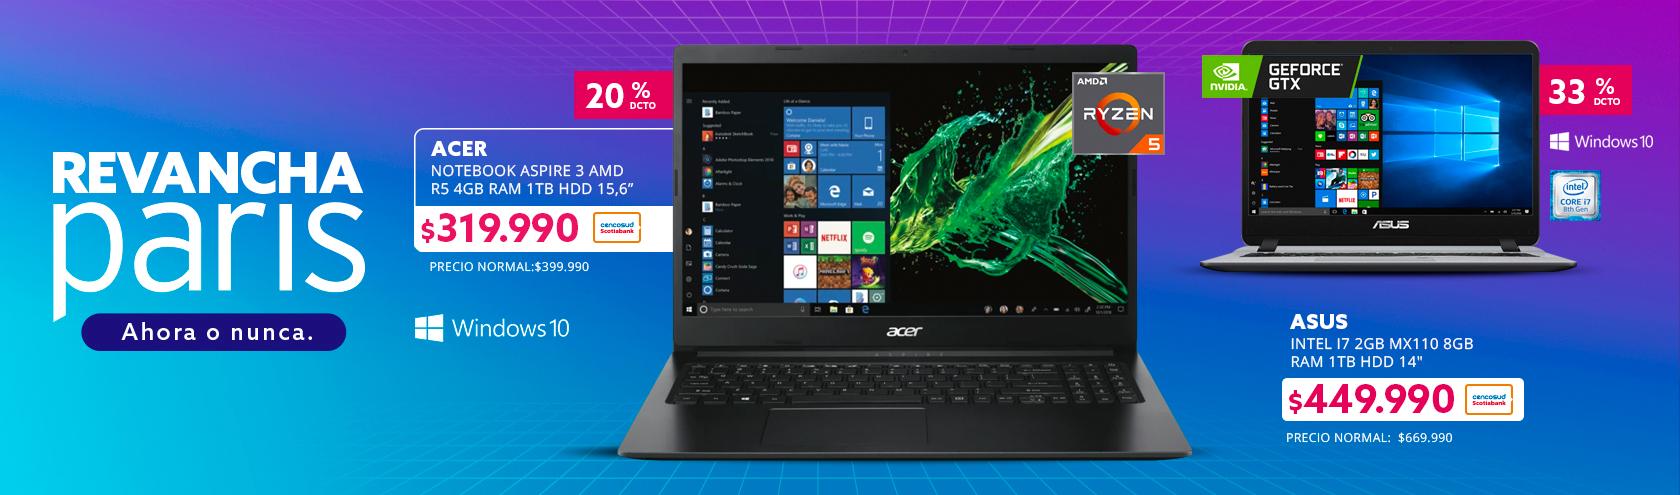 Notebook Acer Aspire 3 AMD R5 4GB RAM 1TB HDD 15,6